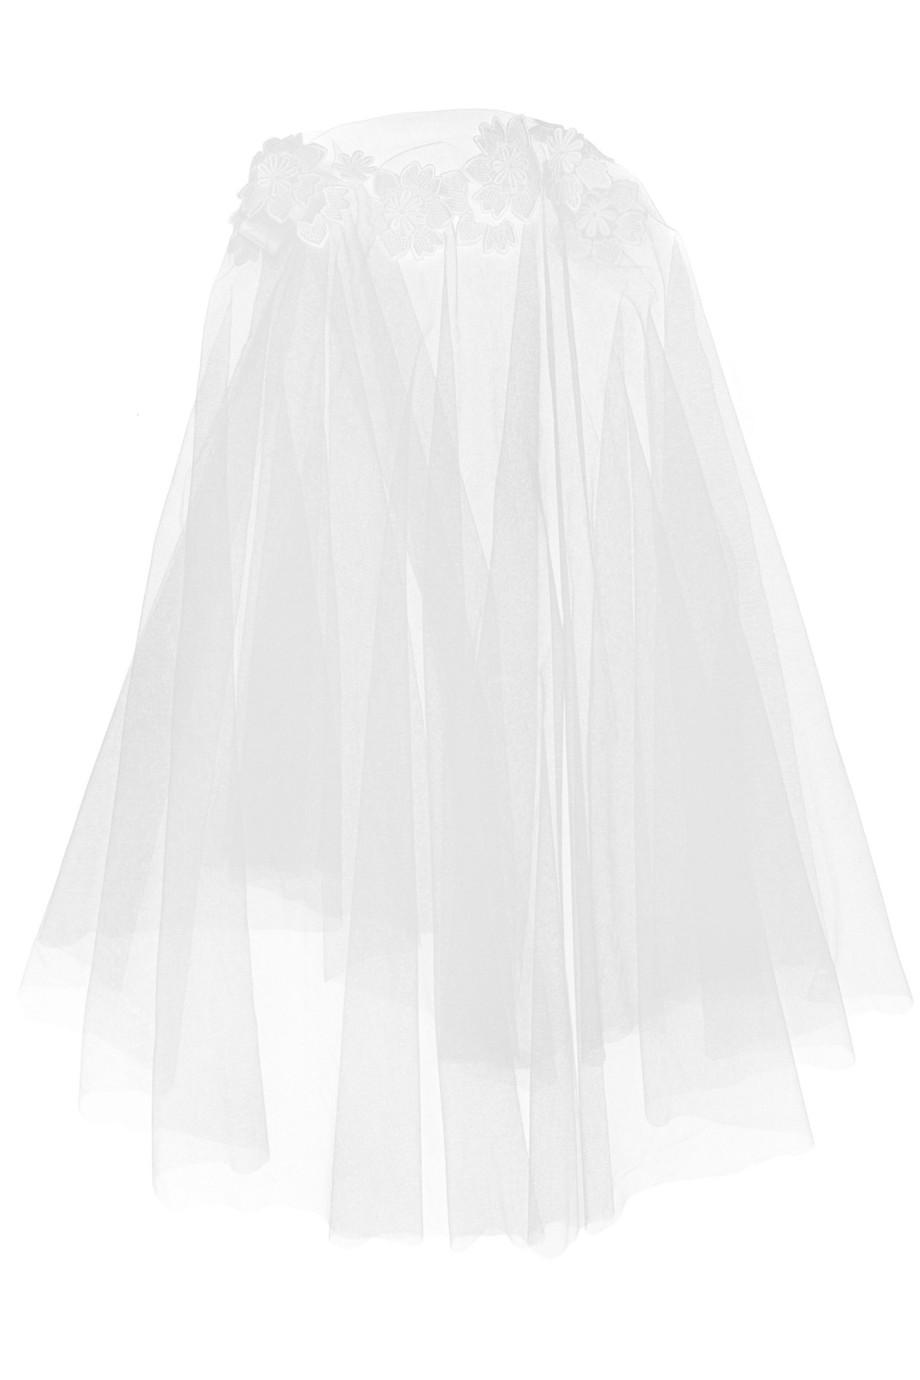 Schleier Hochzeit Mummy Mag